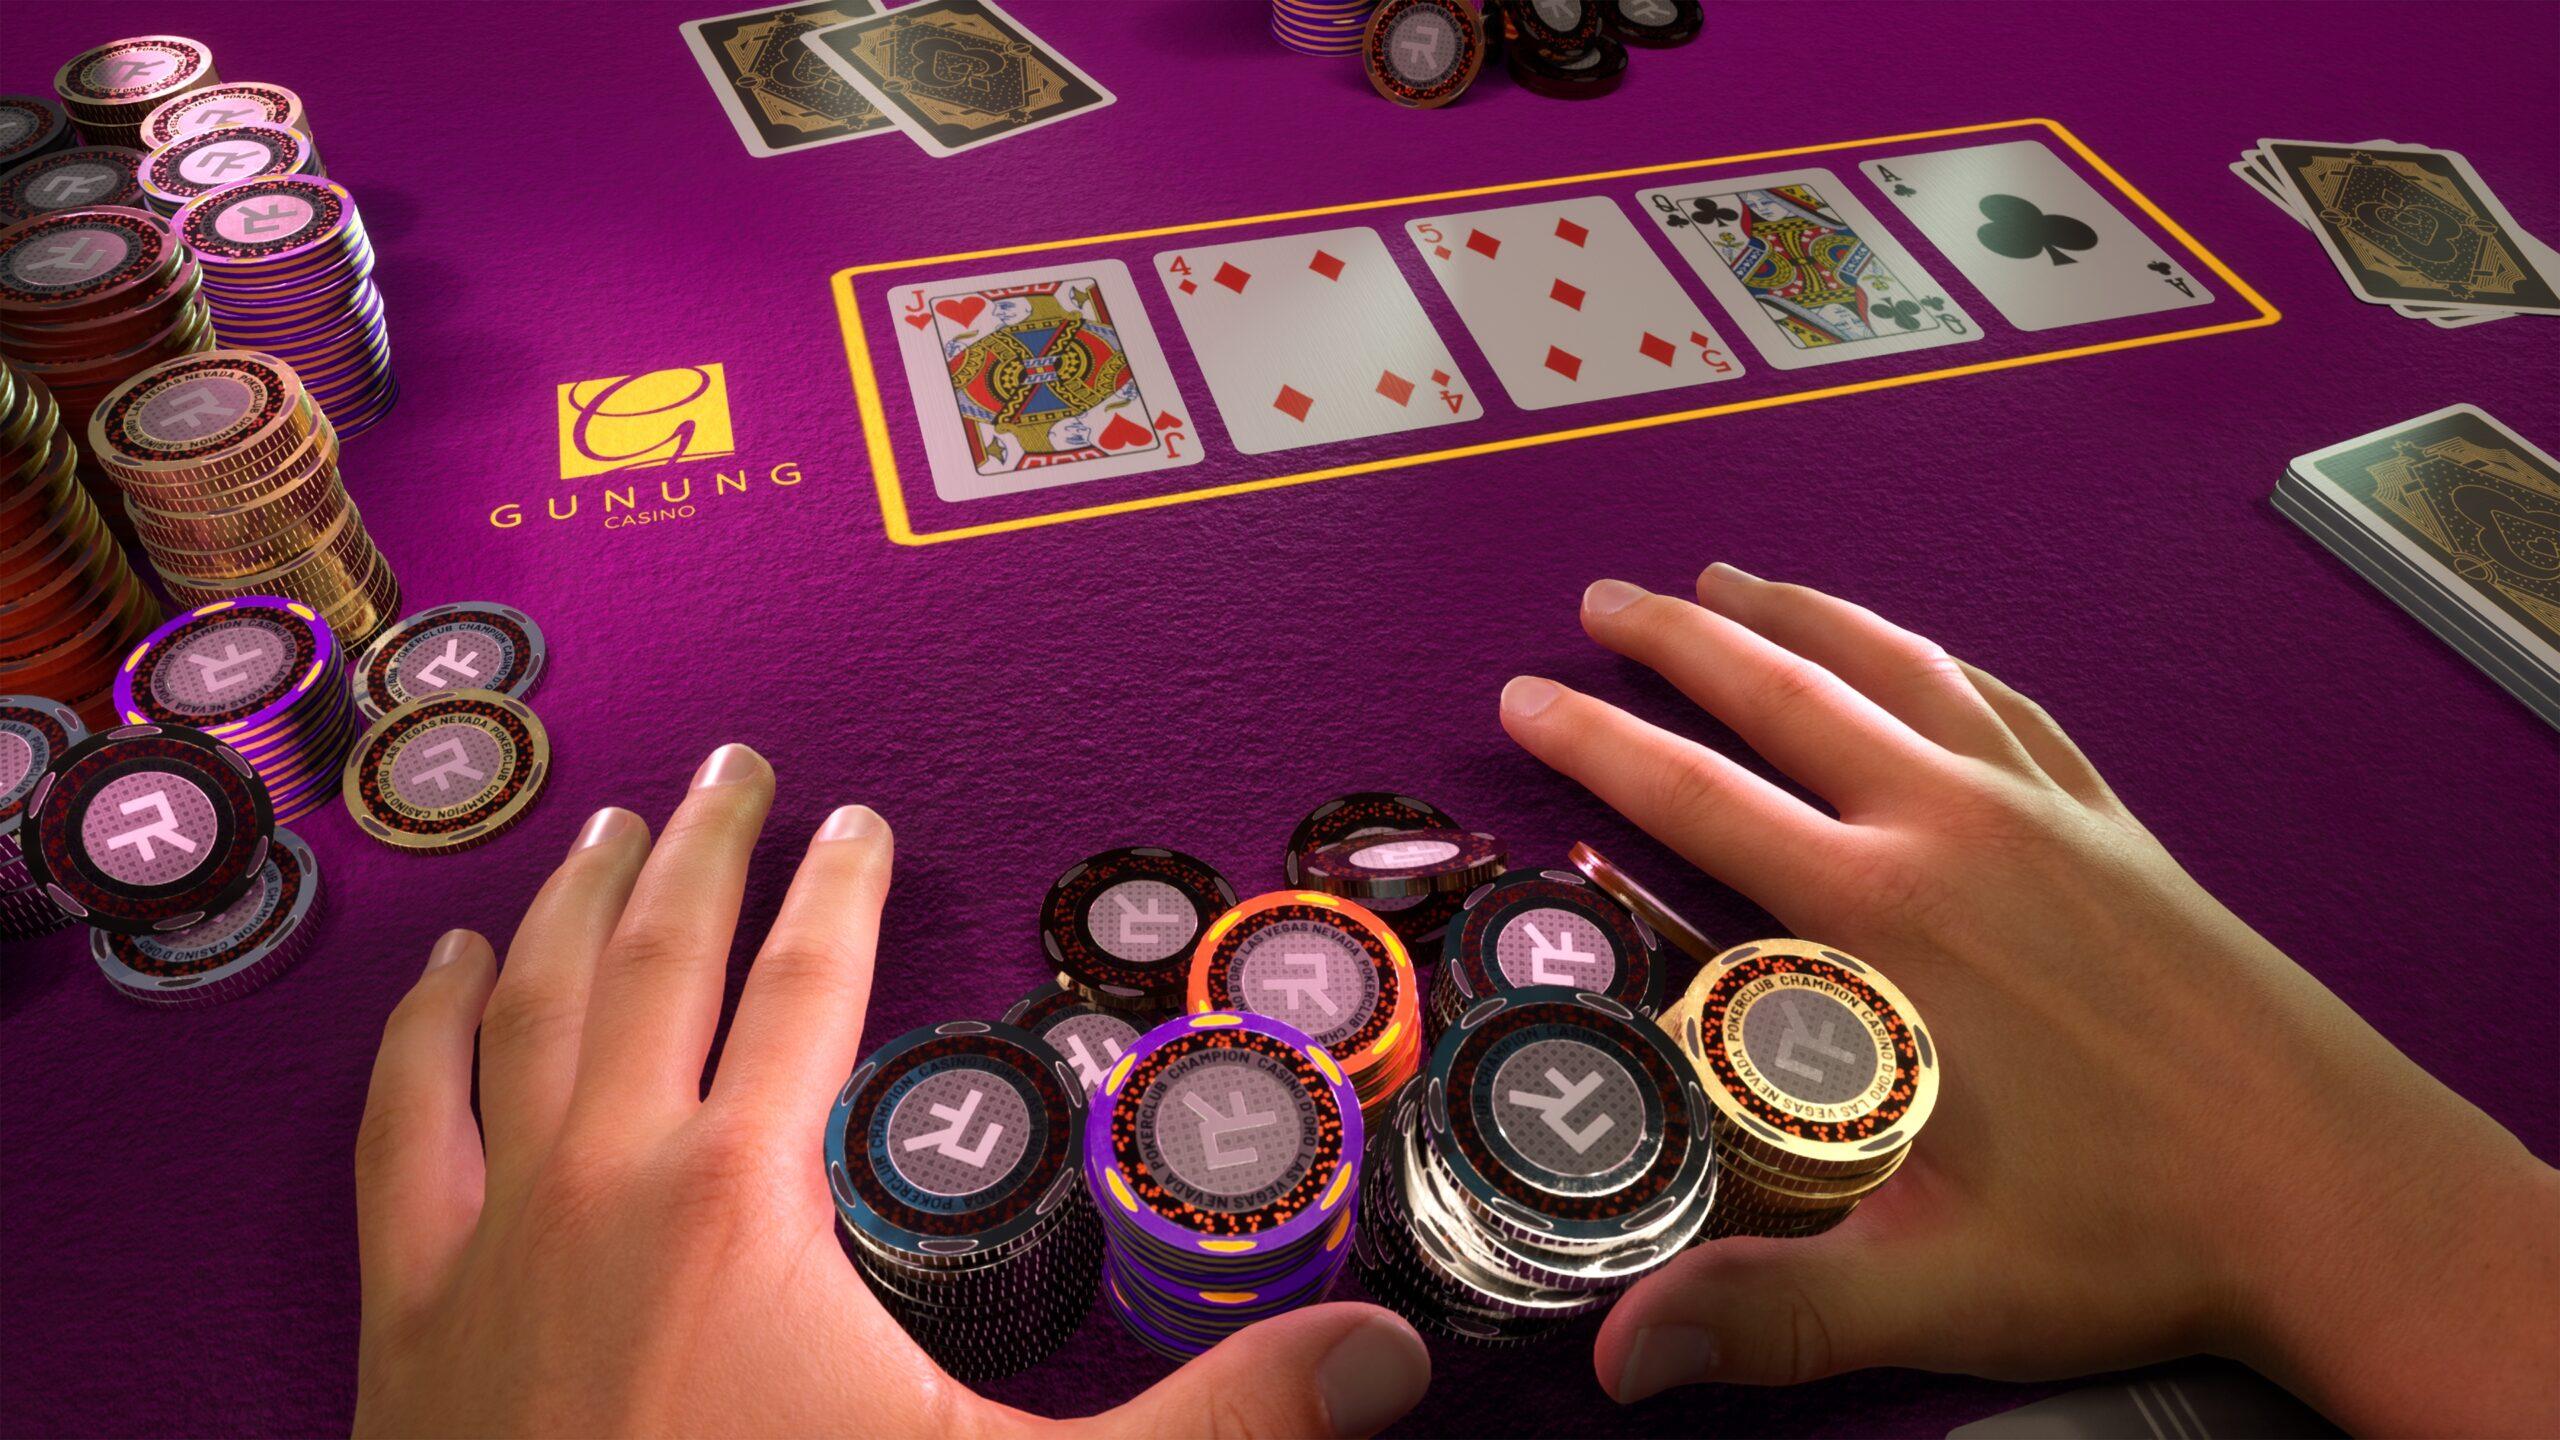 Poker-Club_2020_10-20-20_003